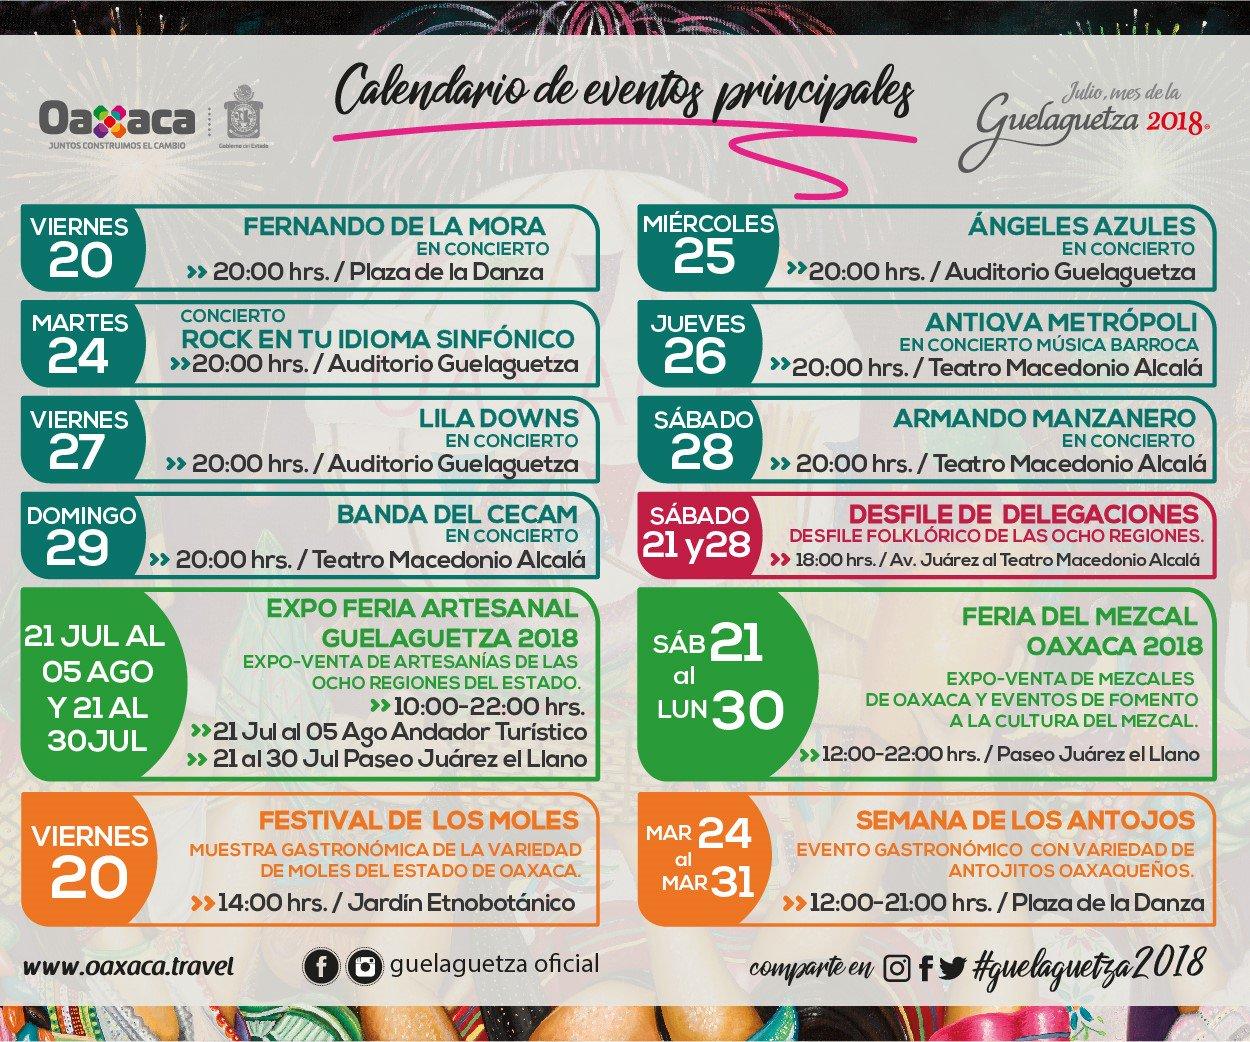 Calendario de eventos de la Guelaguetza 2018